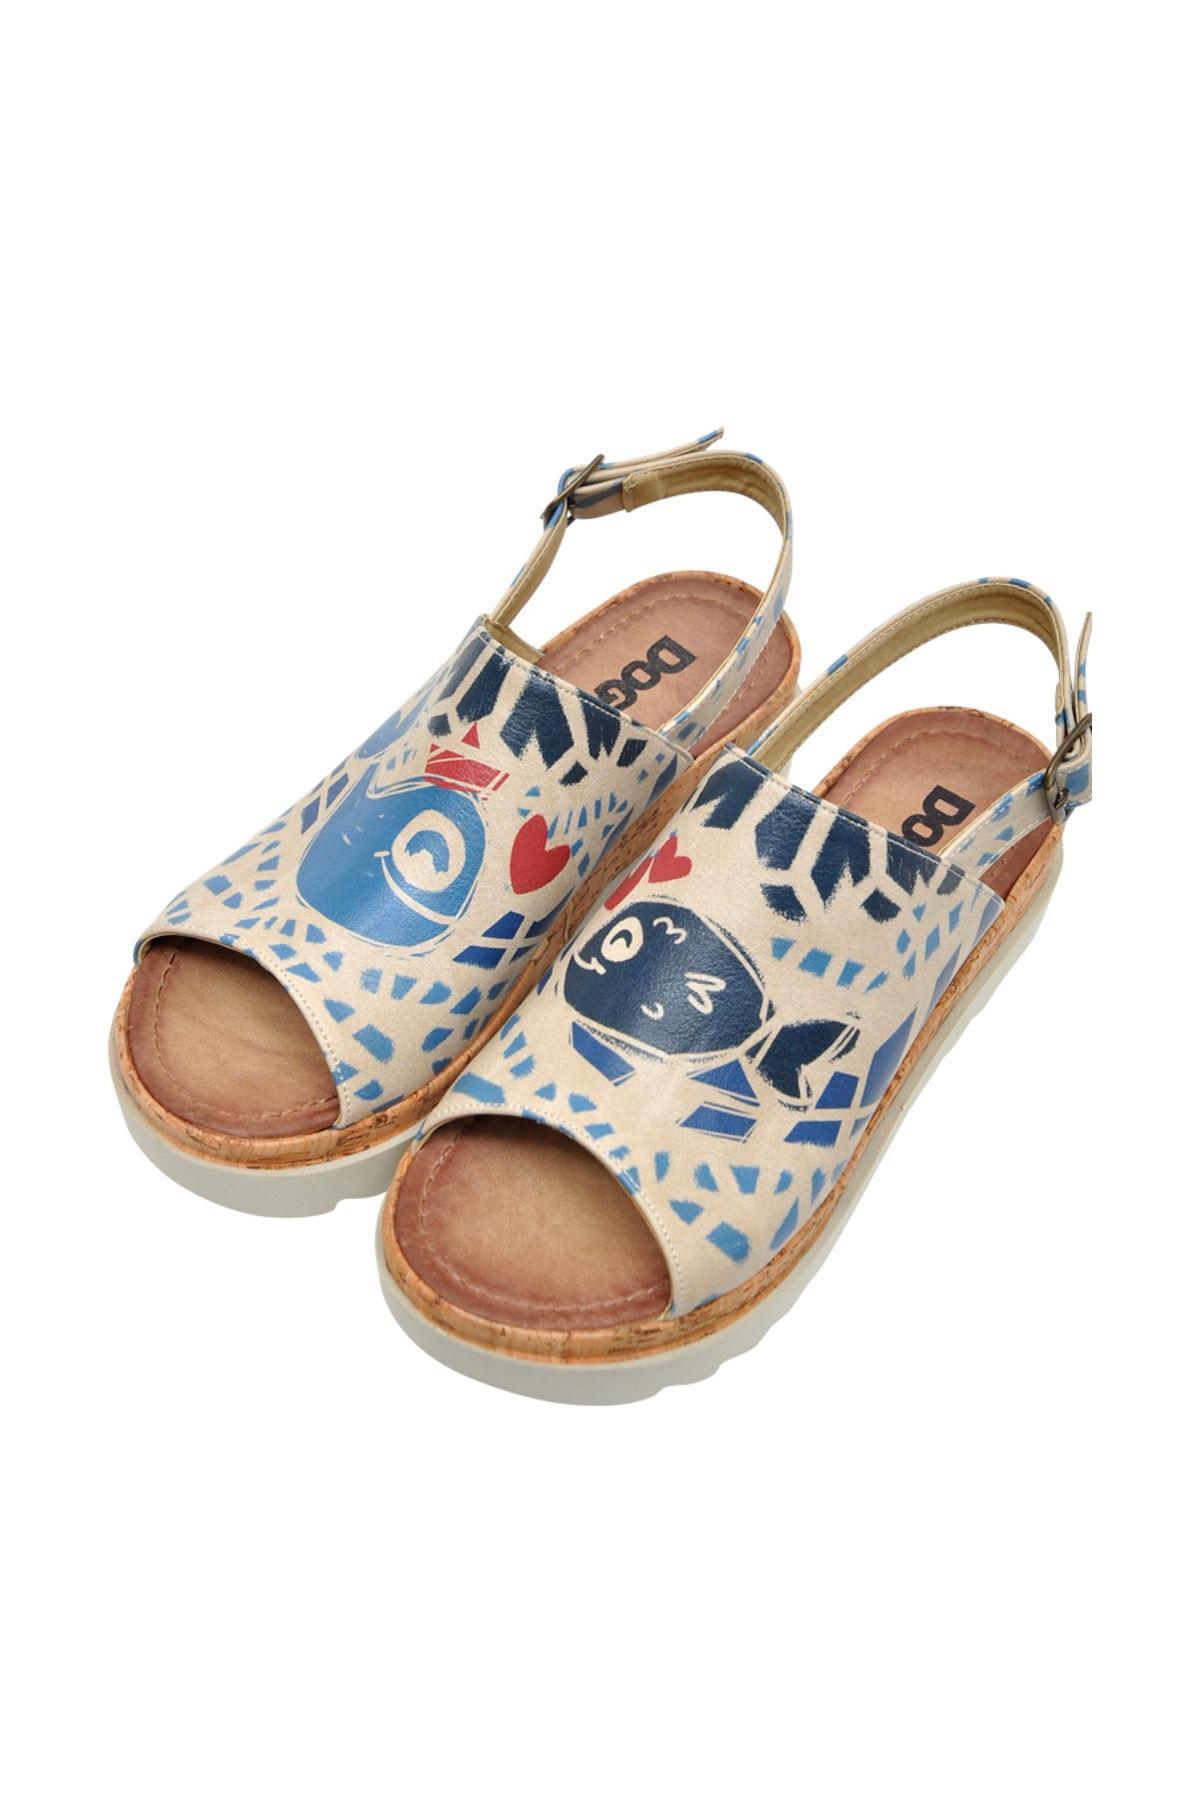 Dogo Fish Love Kadın Kalın Tabanlı Düz Sandalet dgs019-gg010 2